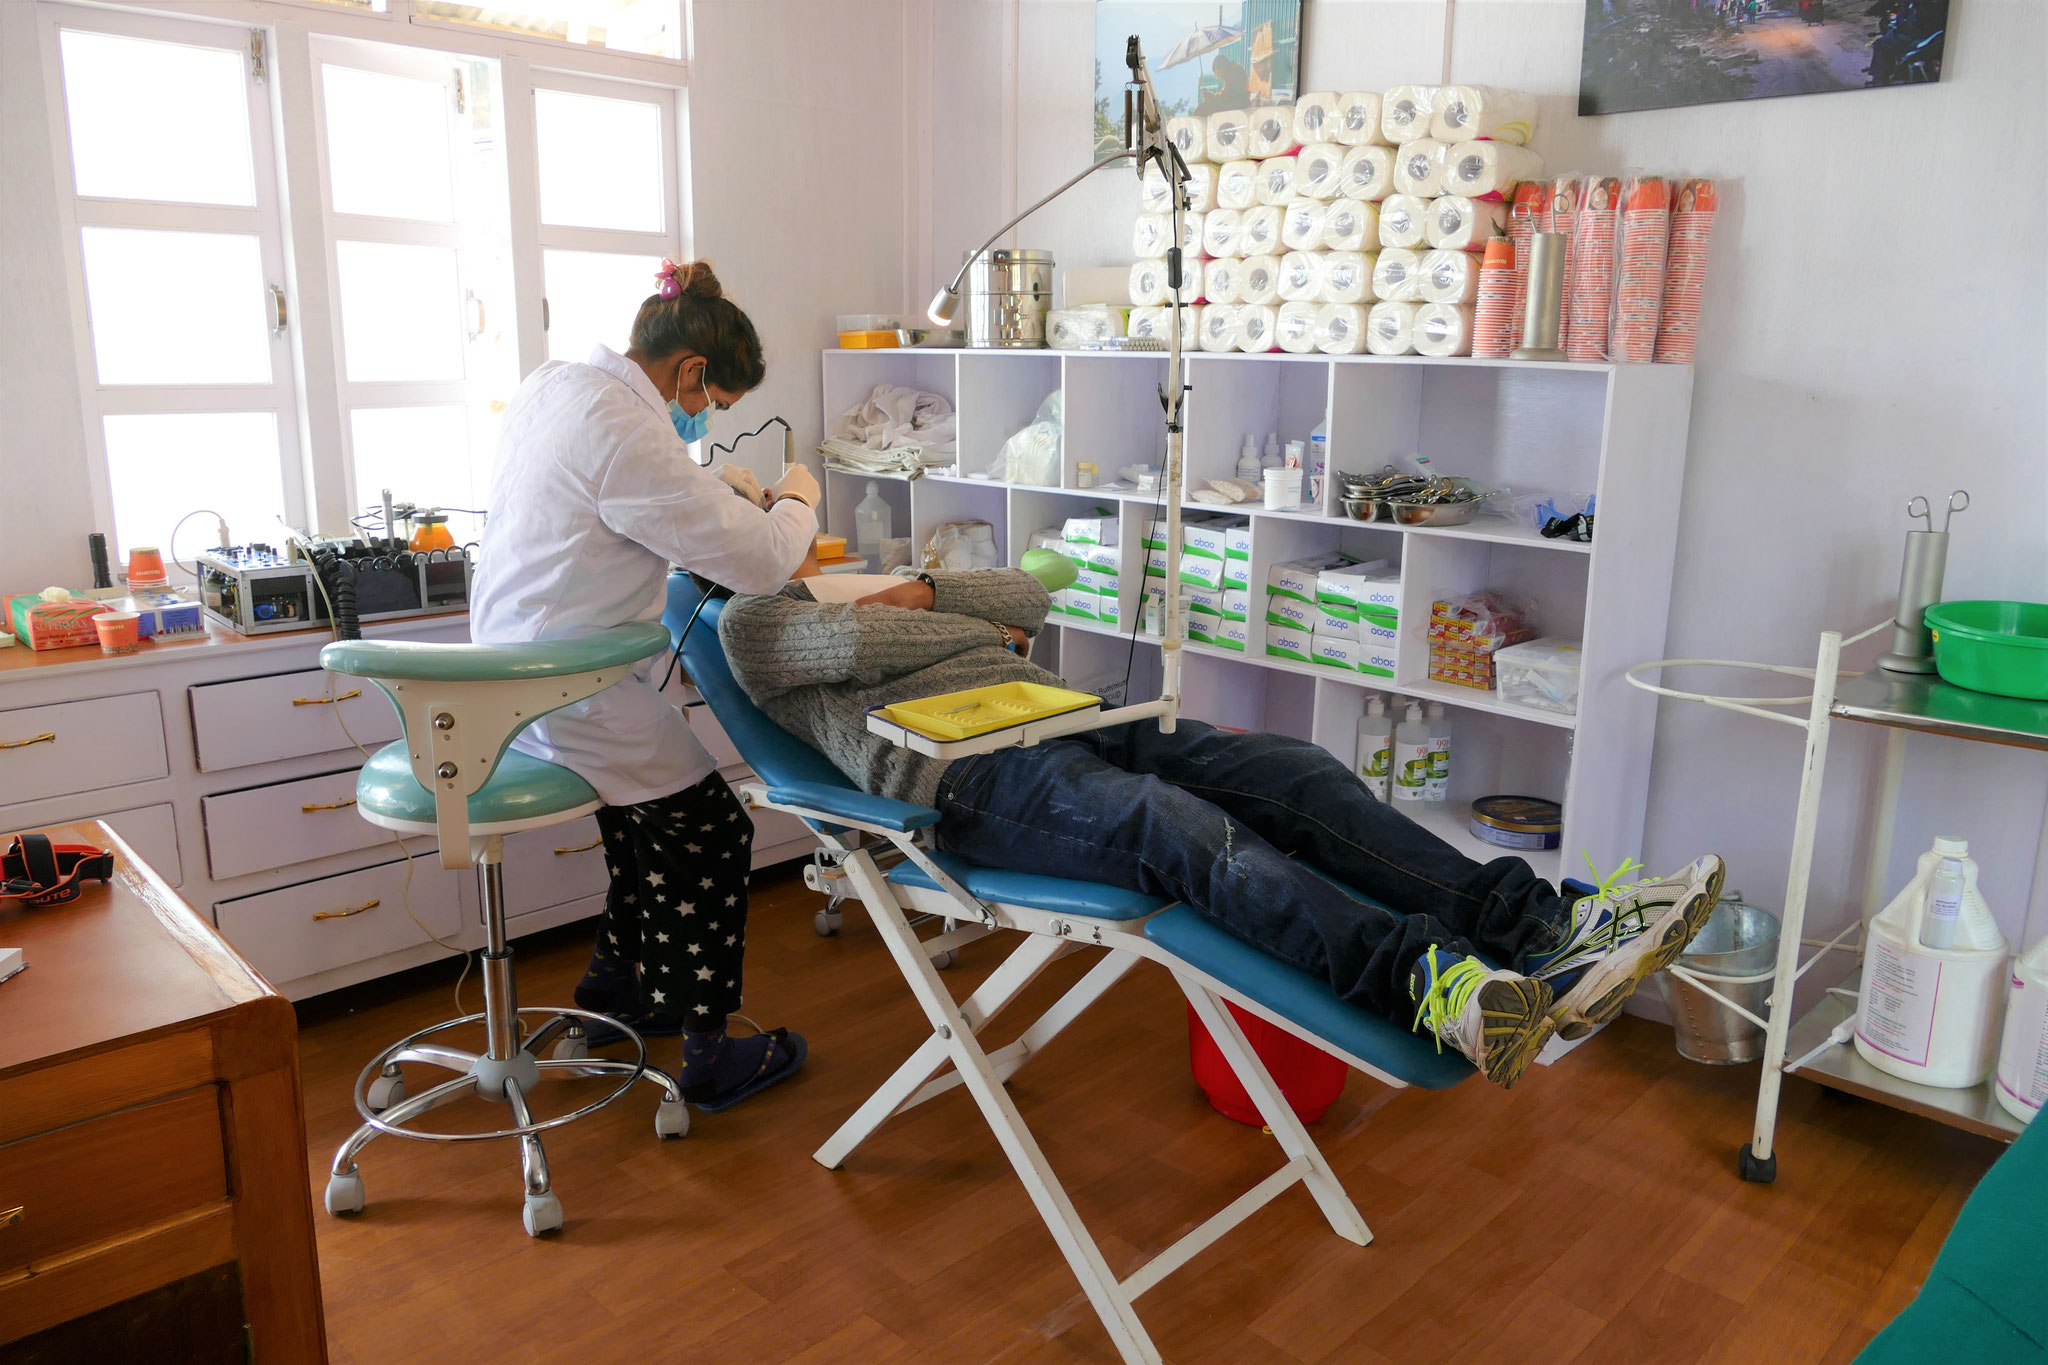 Alte Situation: ein einfacher, mobiler Behandlungsstuhl